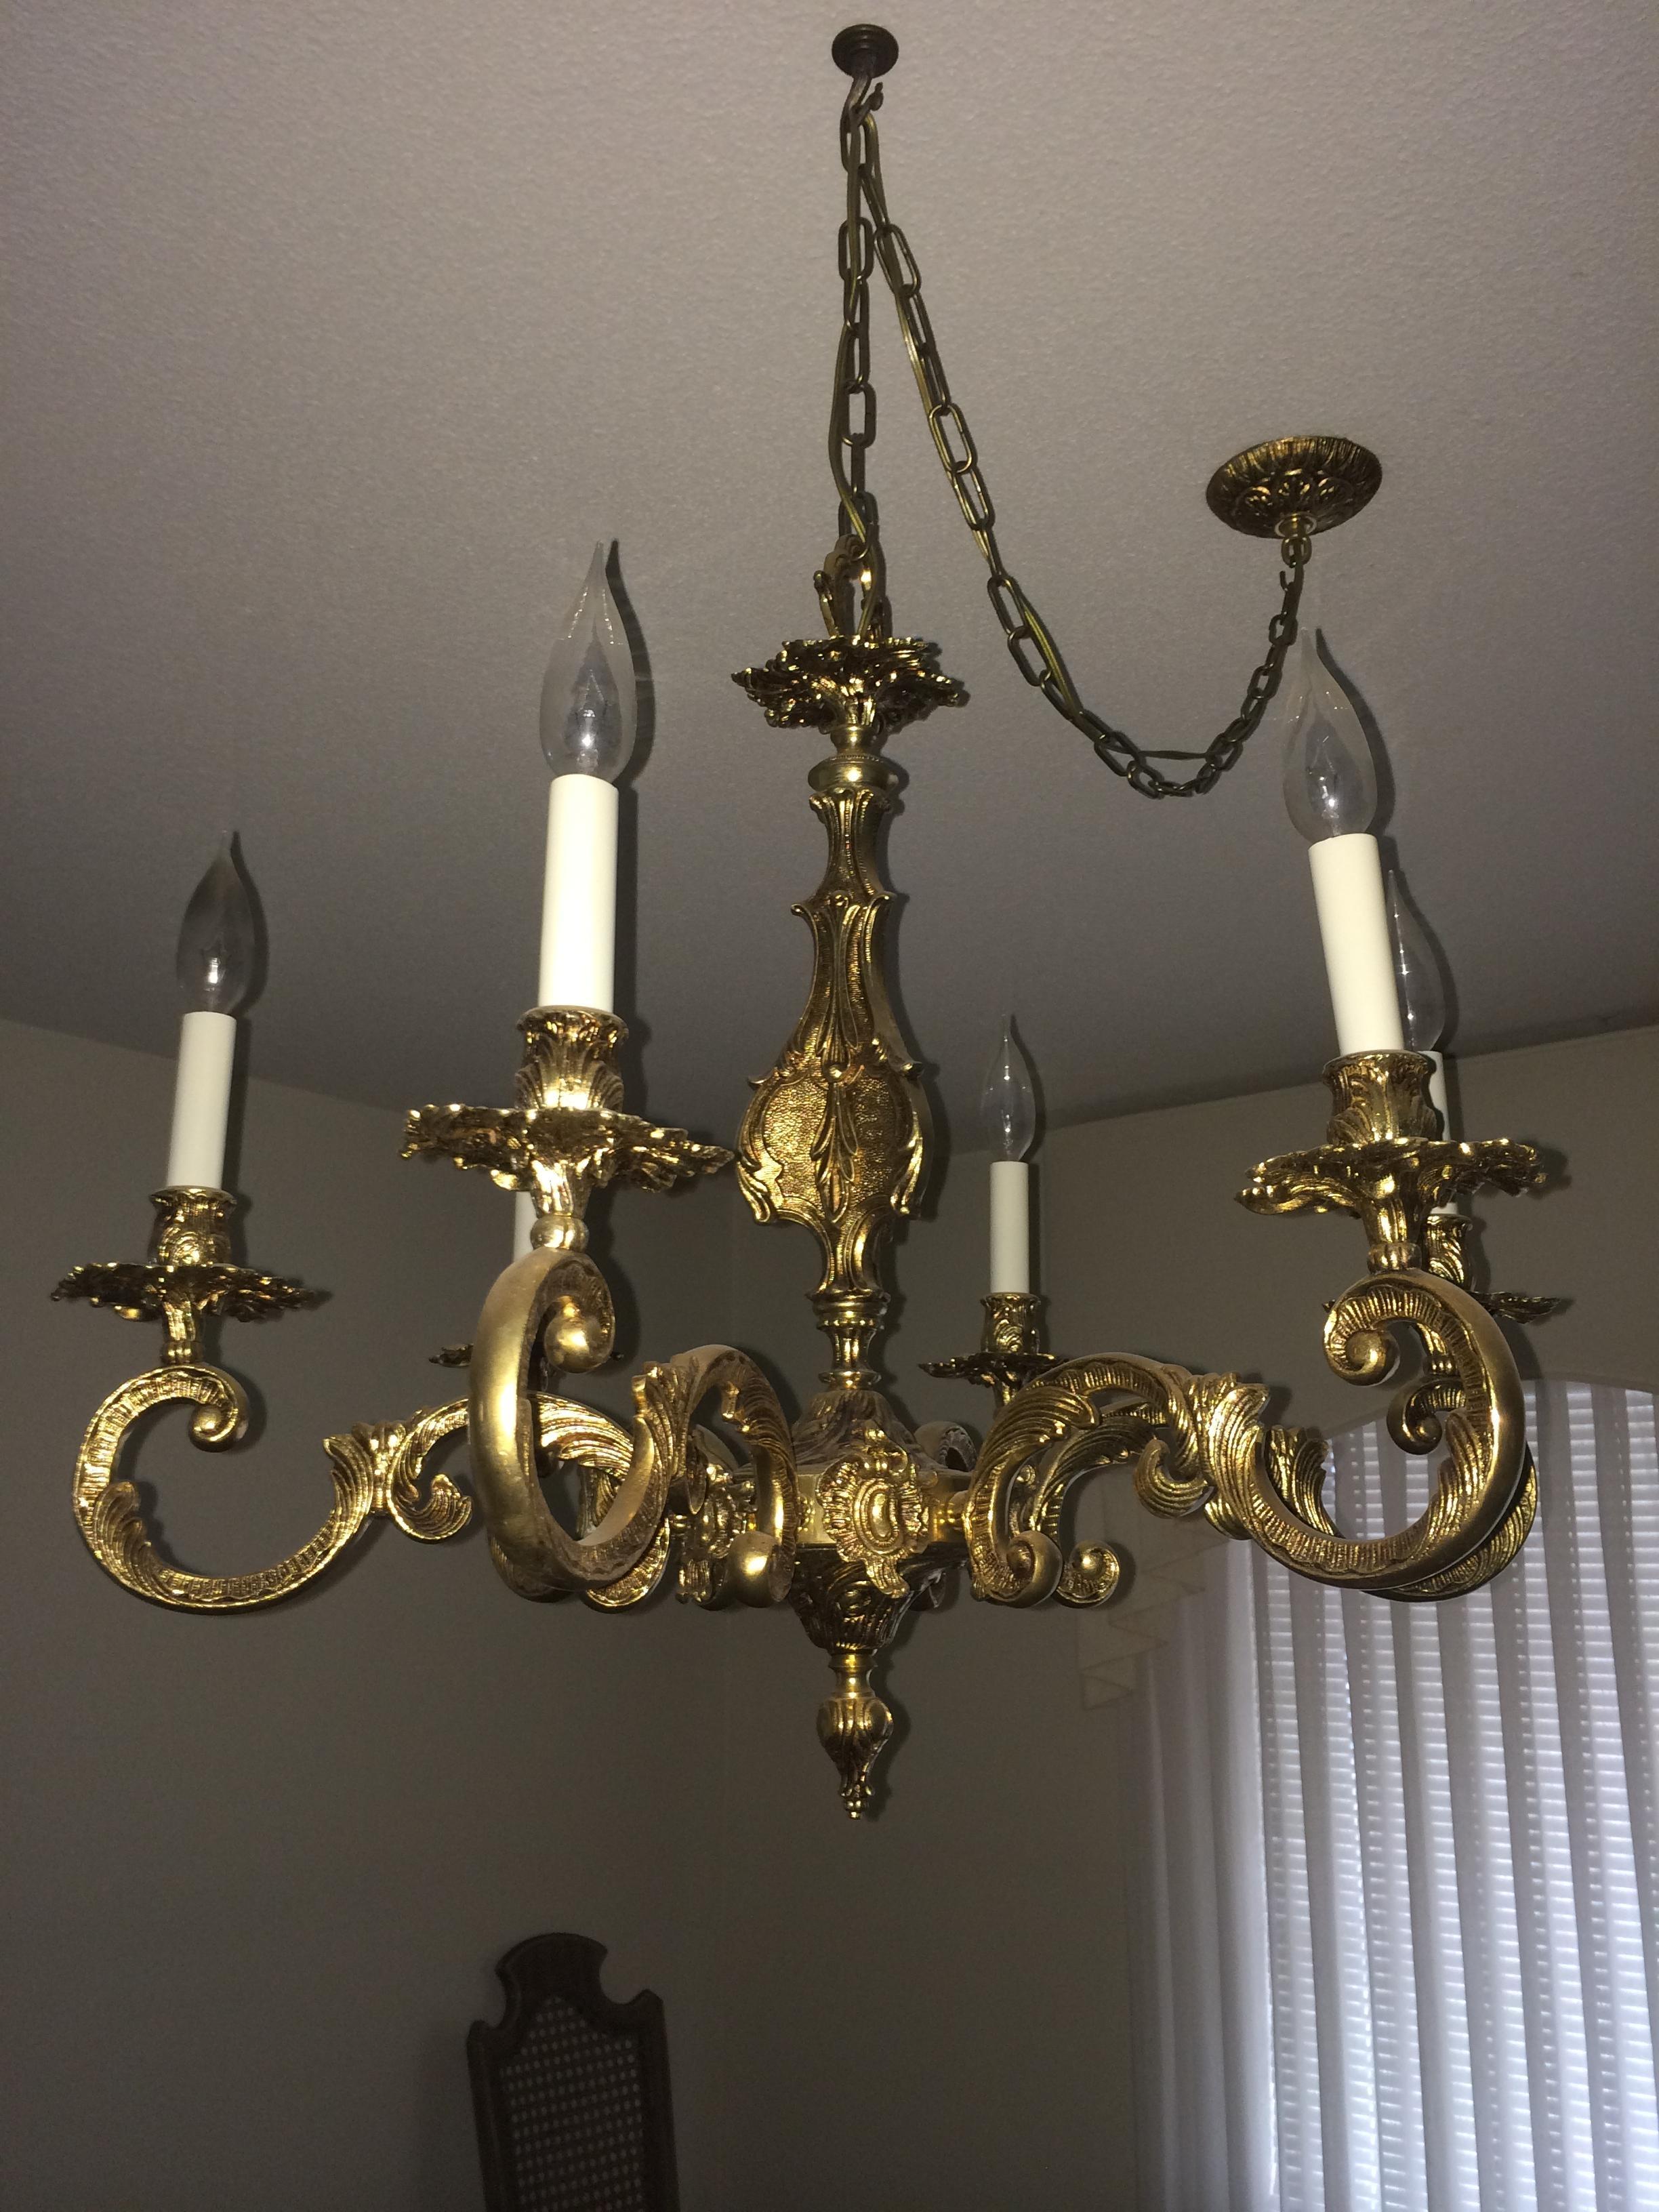 Antique Brass Chandelier Antique Appraisal Instappraisal Within Old Brass Chandelier (#2 of 12)